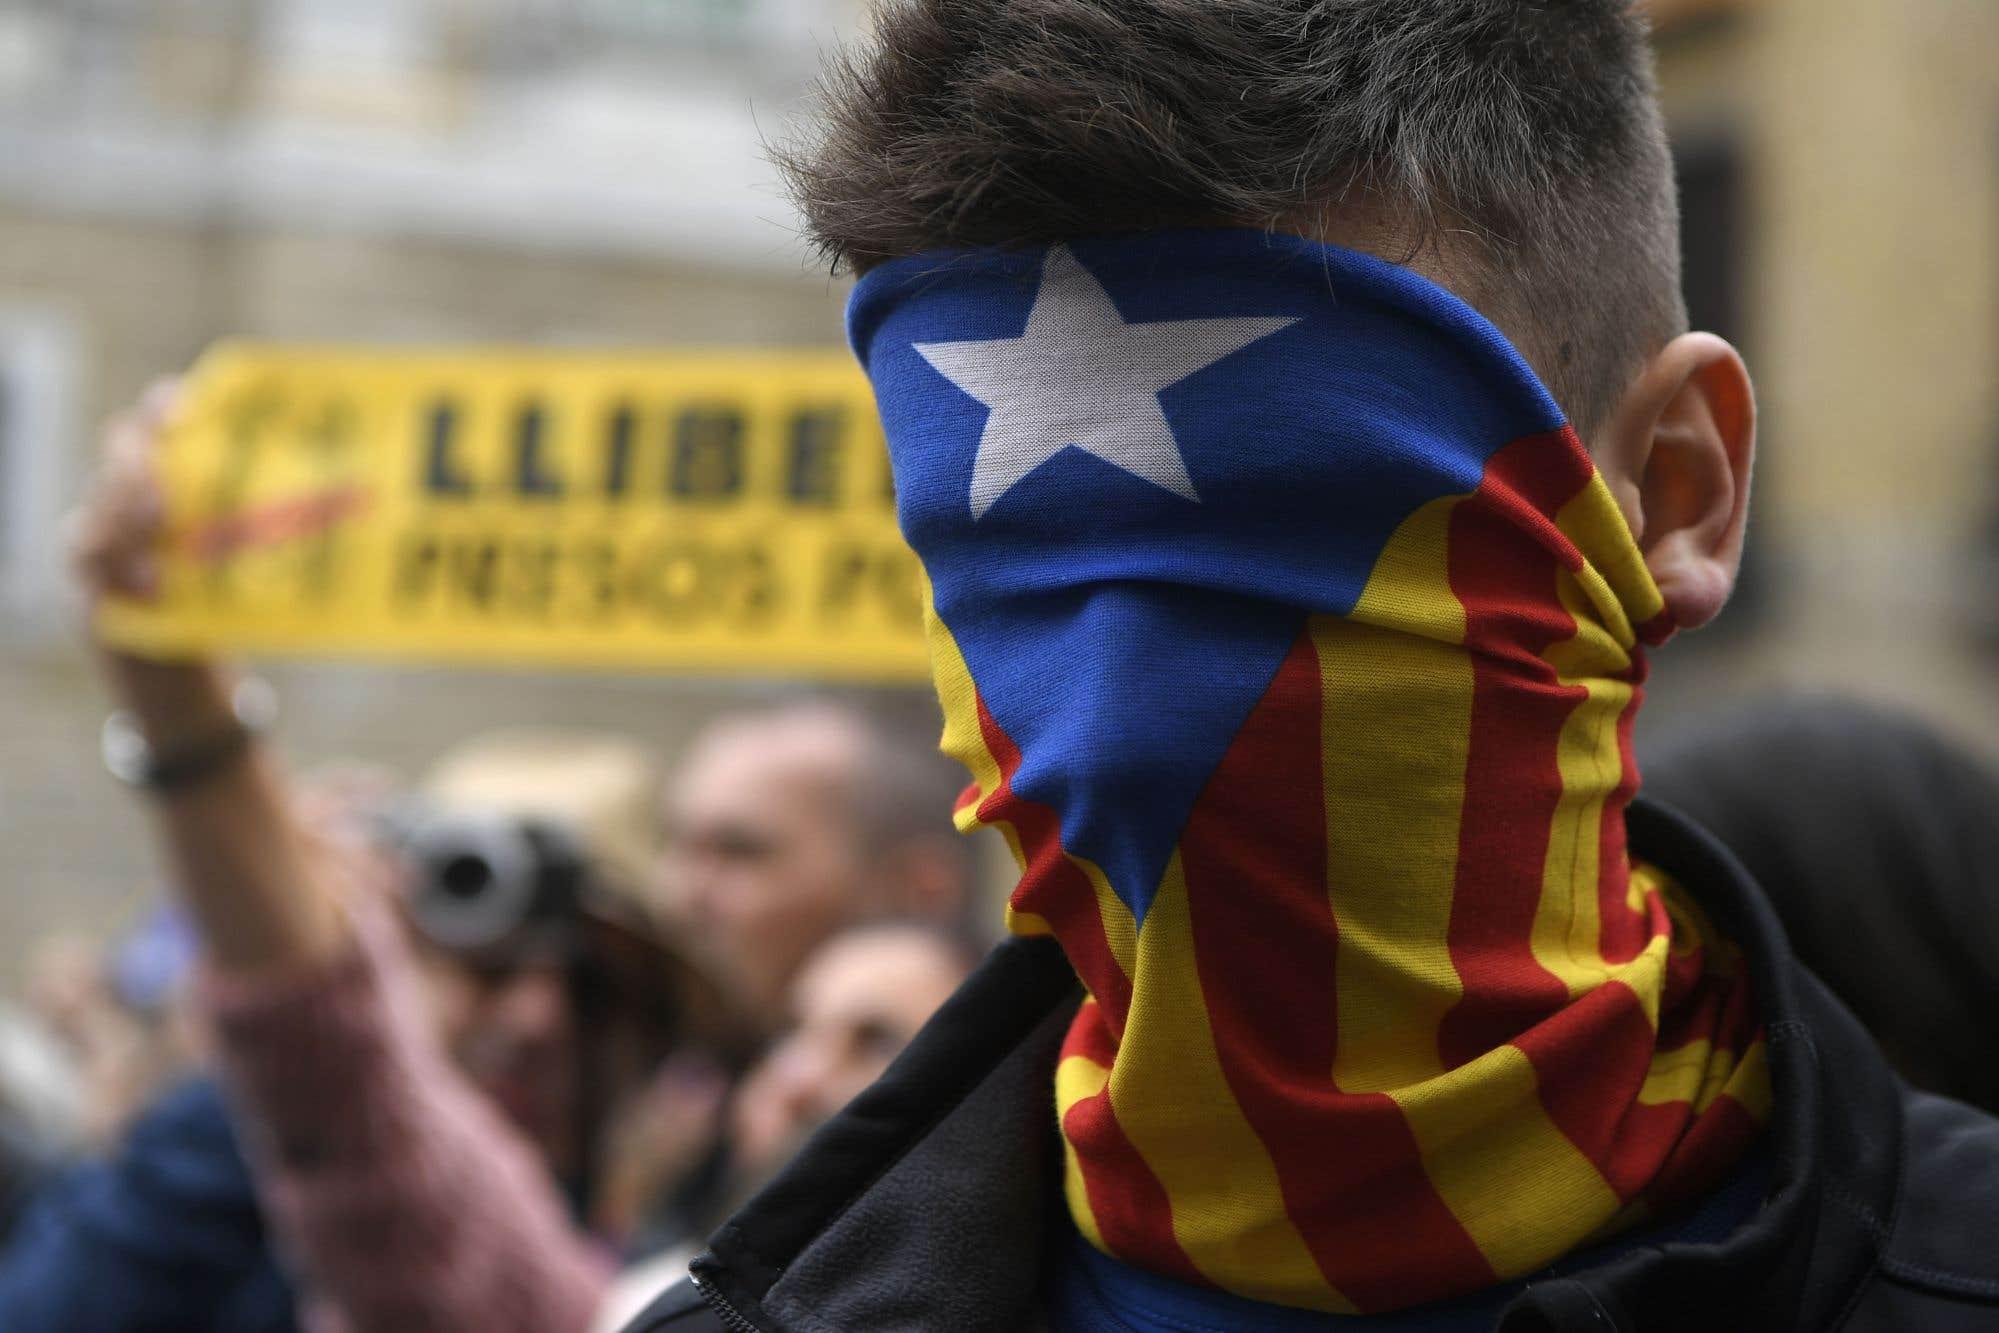 Un homme portant le drapeau catalan en guise de masque assiste à une manifestation devant le Palais de la Generalitat à Barcelone. Les manifestants ont bloqué des routes, des autoroutes et des voies ferrées dans le cadre d'une grève régionale organisée par des indépendantistes.